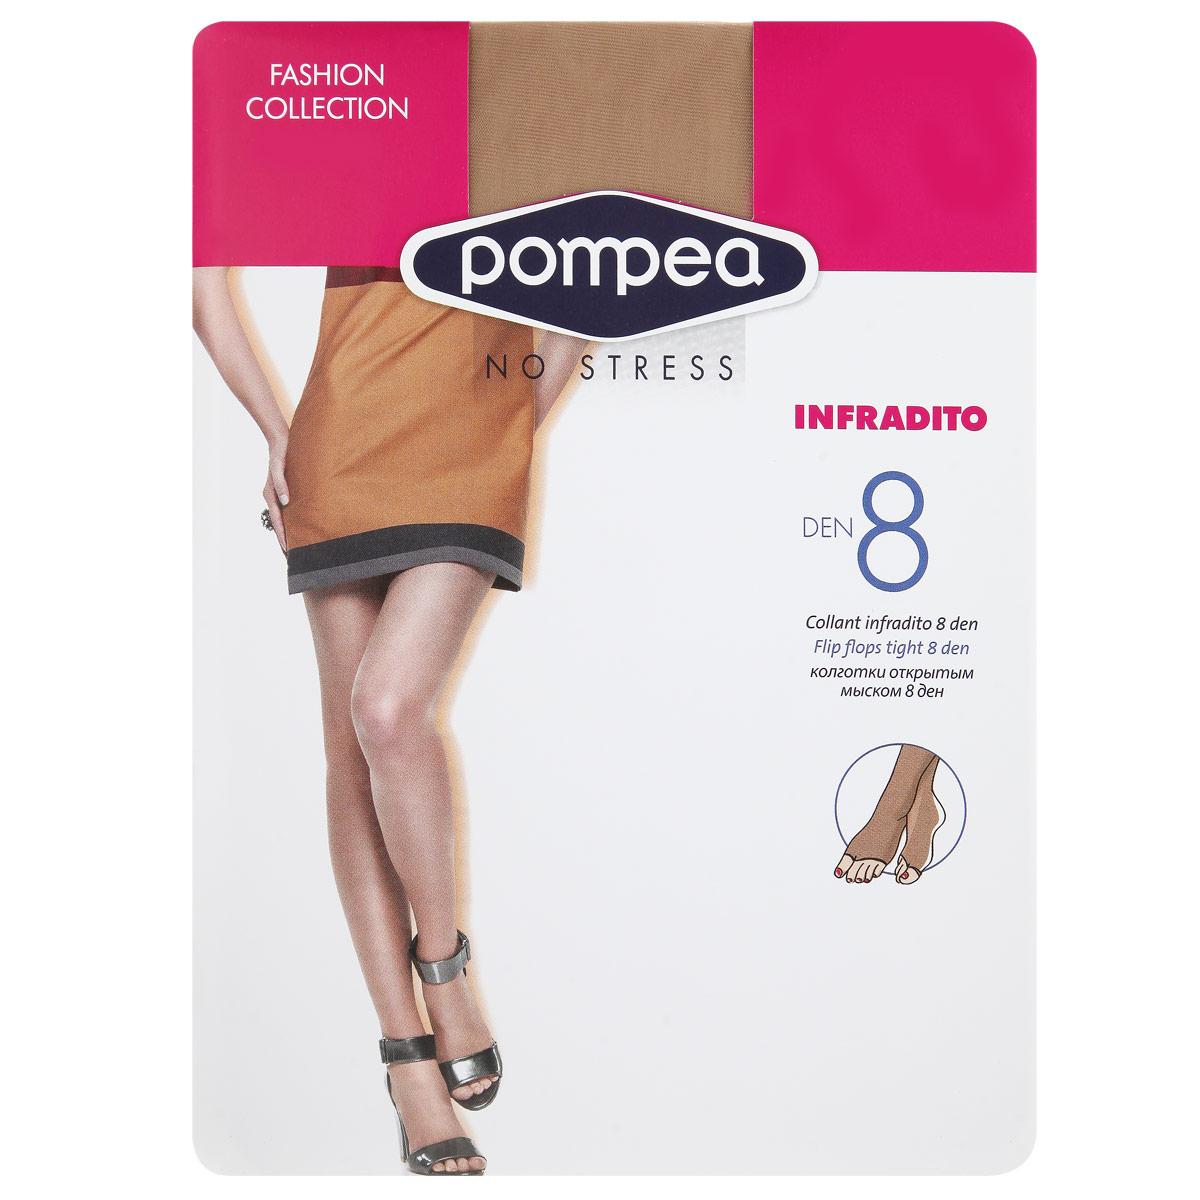 Колготки женские Infradito Fashion 890768871 NaturaleМодные женские фантазийные колготки плотностью 8 Ден, с трусиками, с открытым мыском.